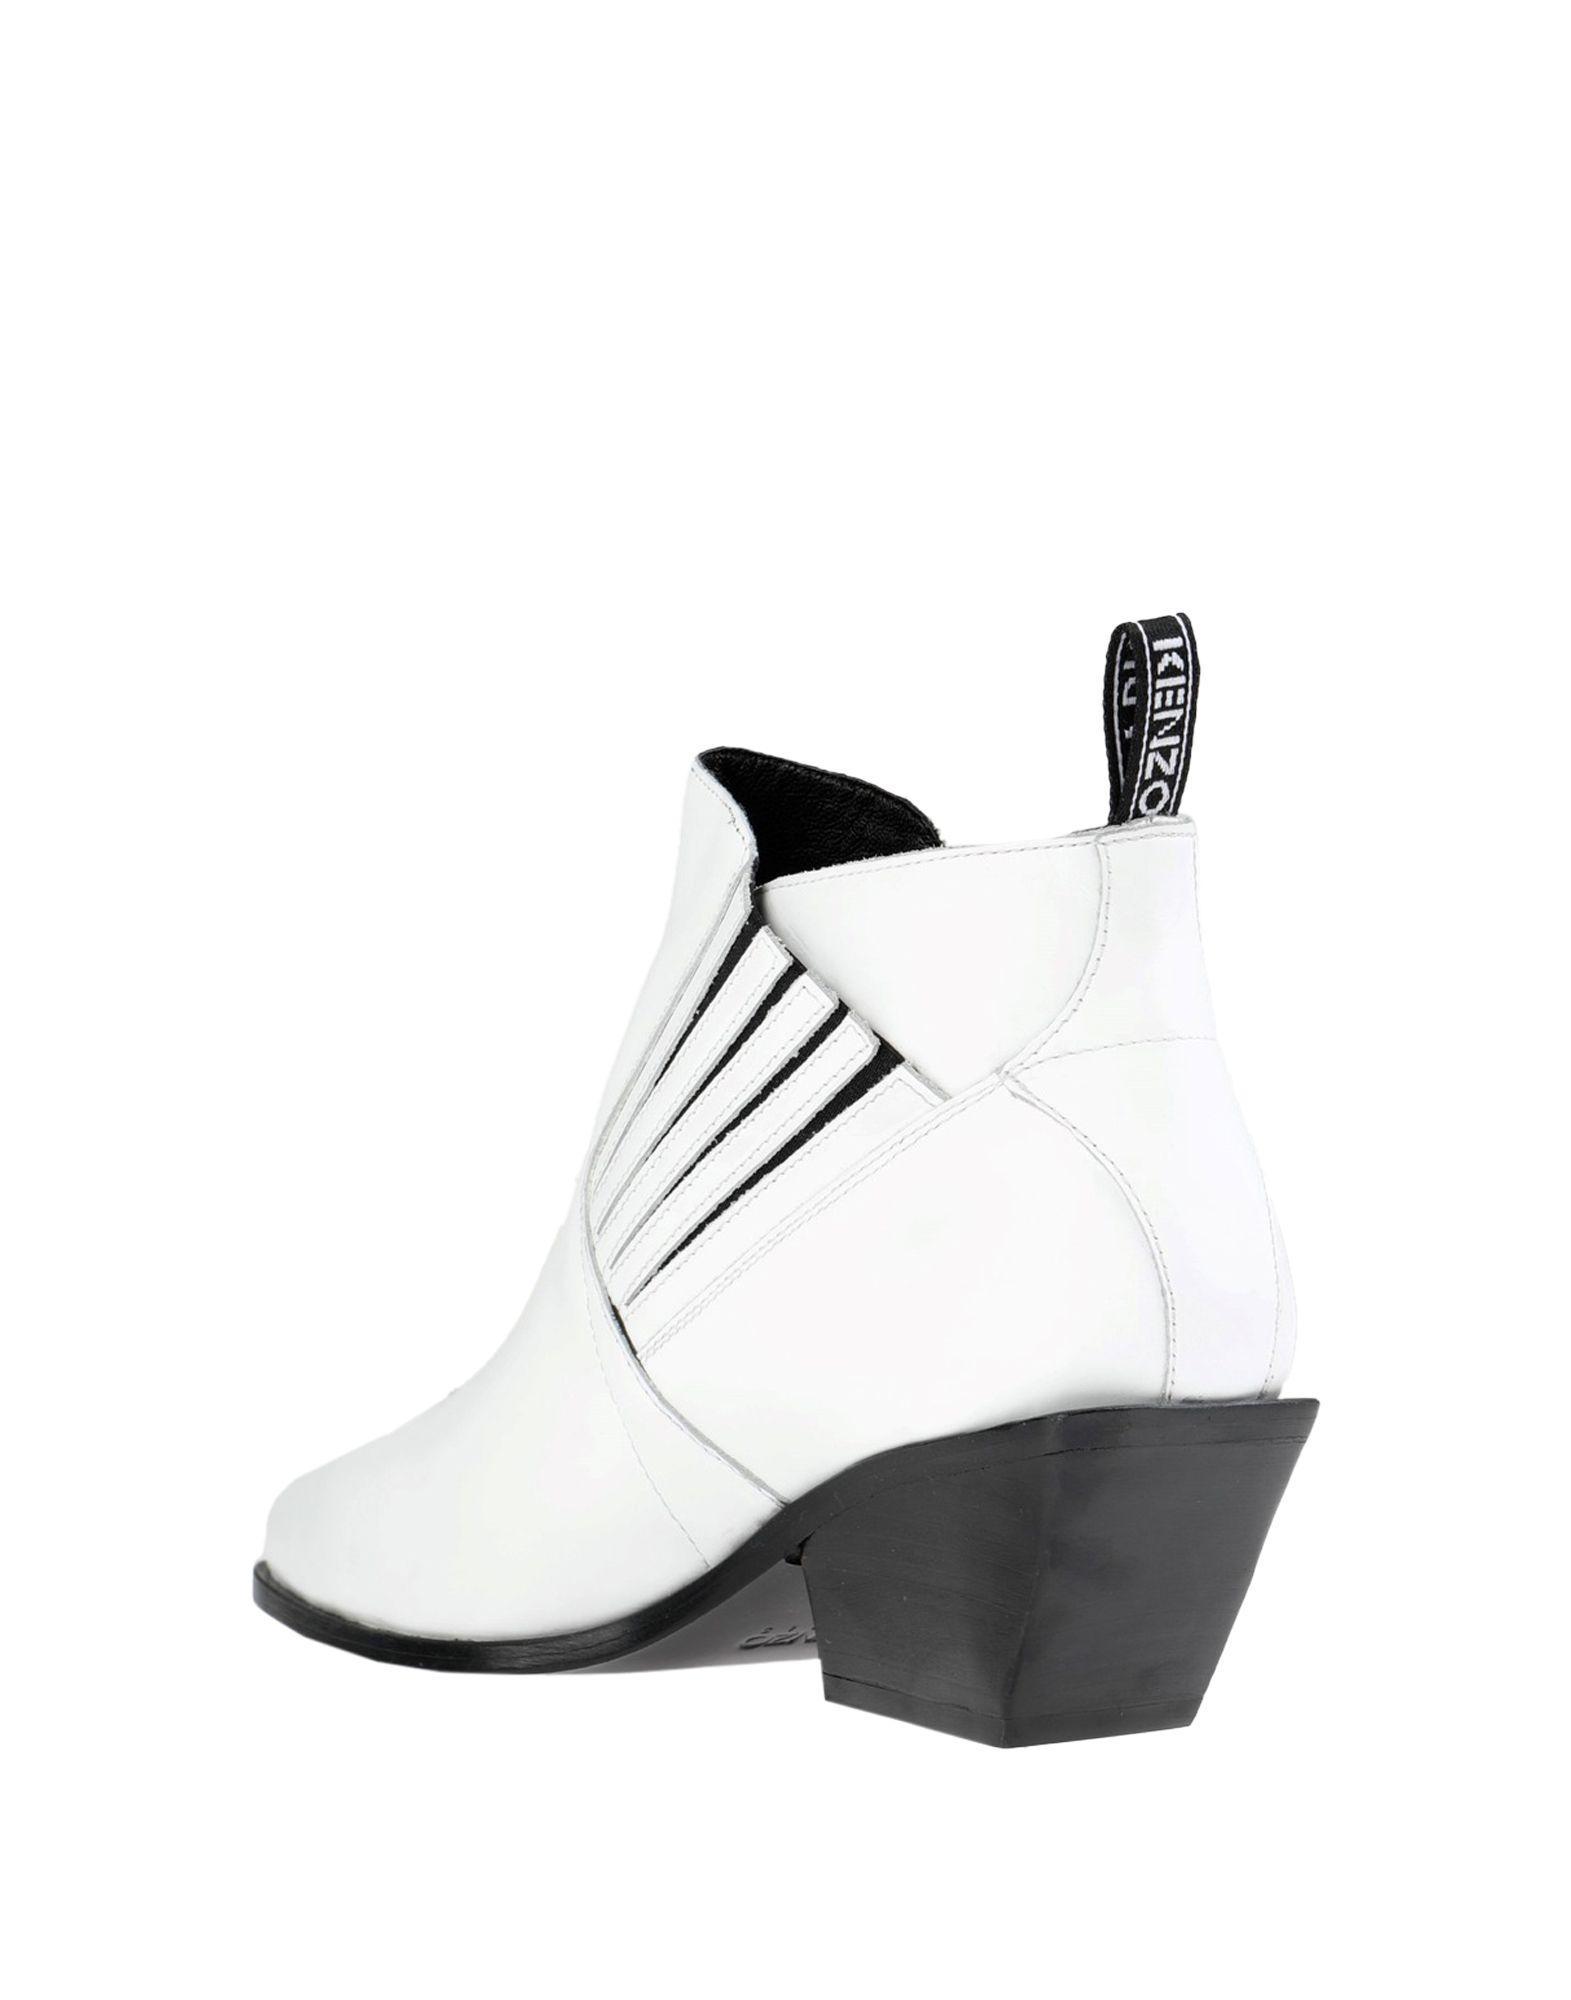 Botines de caña alta KENZO de Cuero de color Blanco